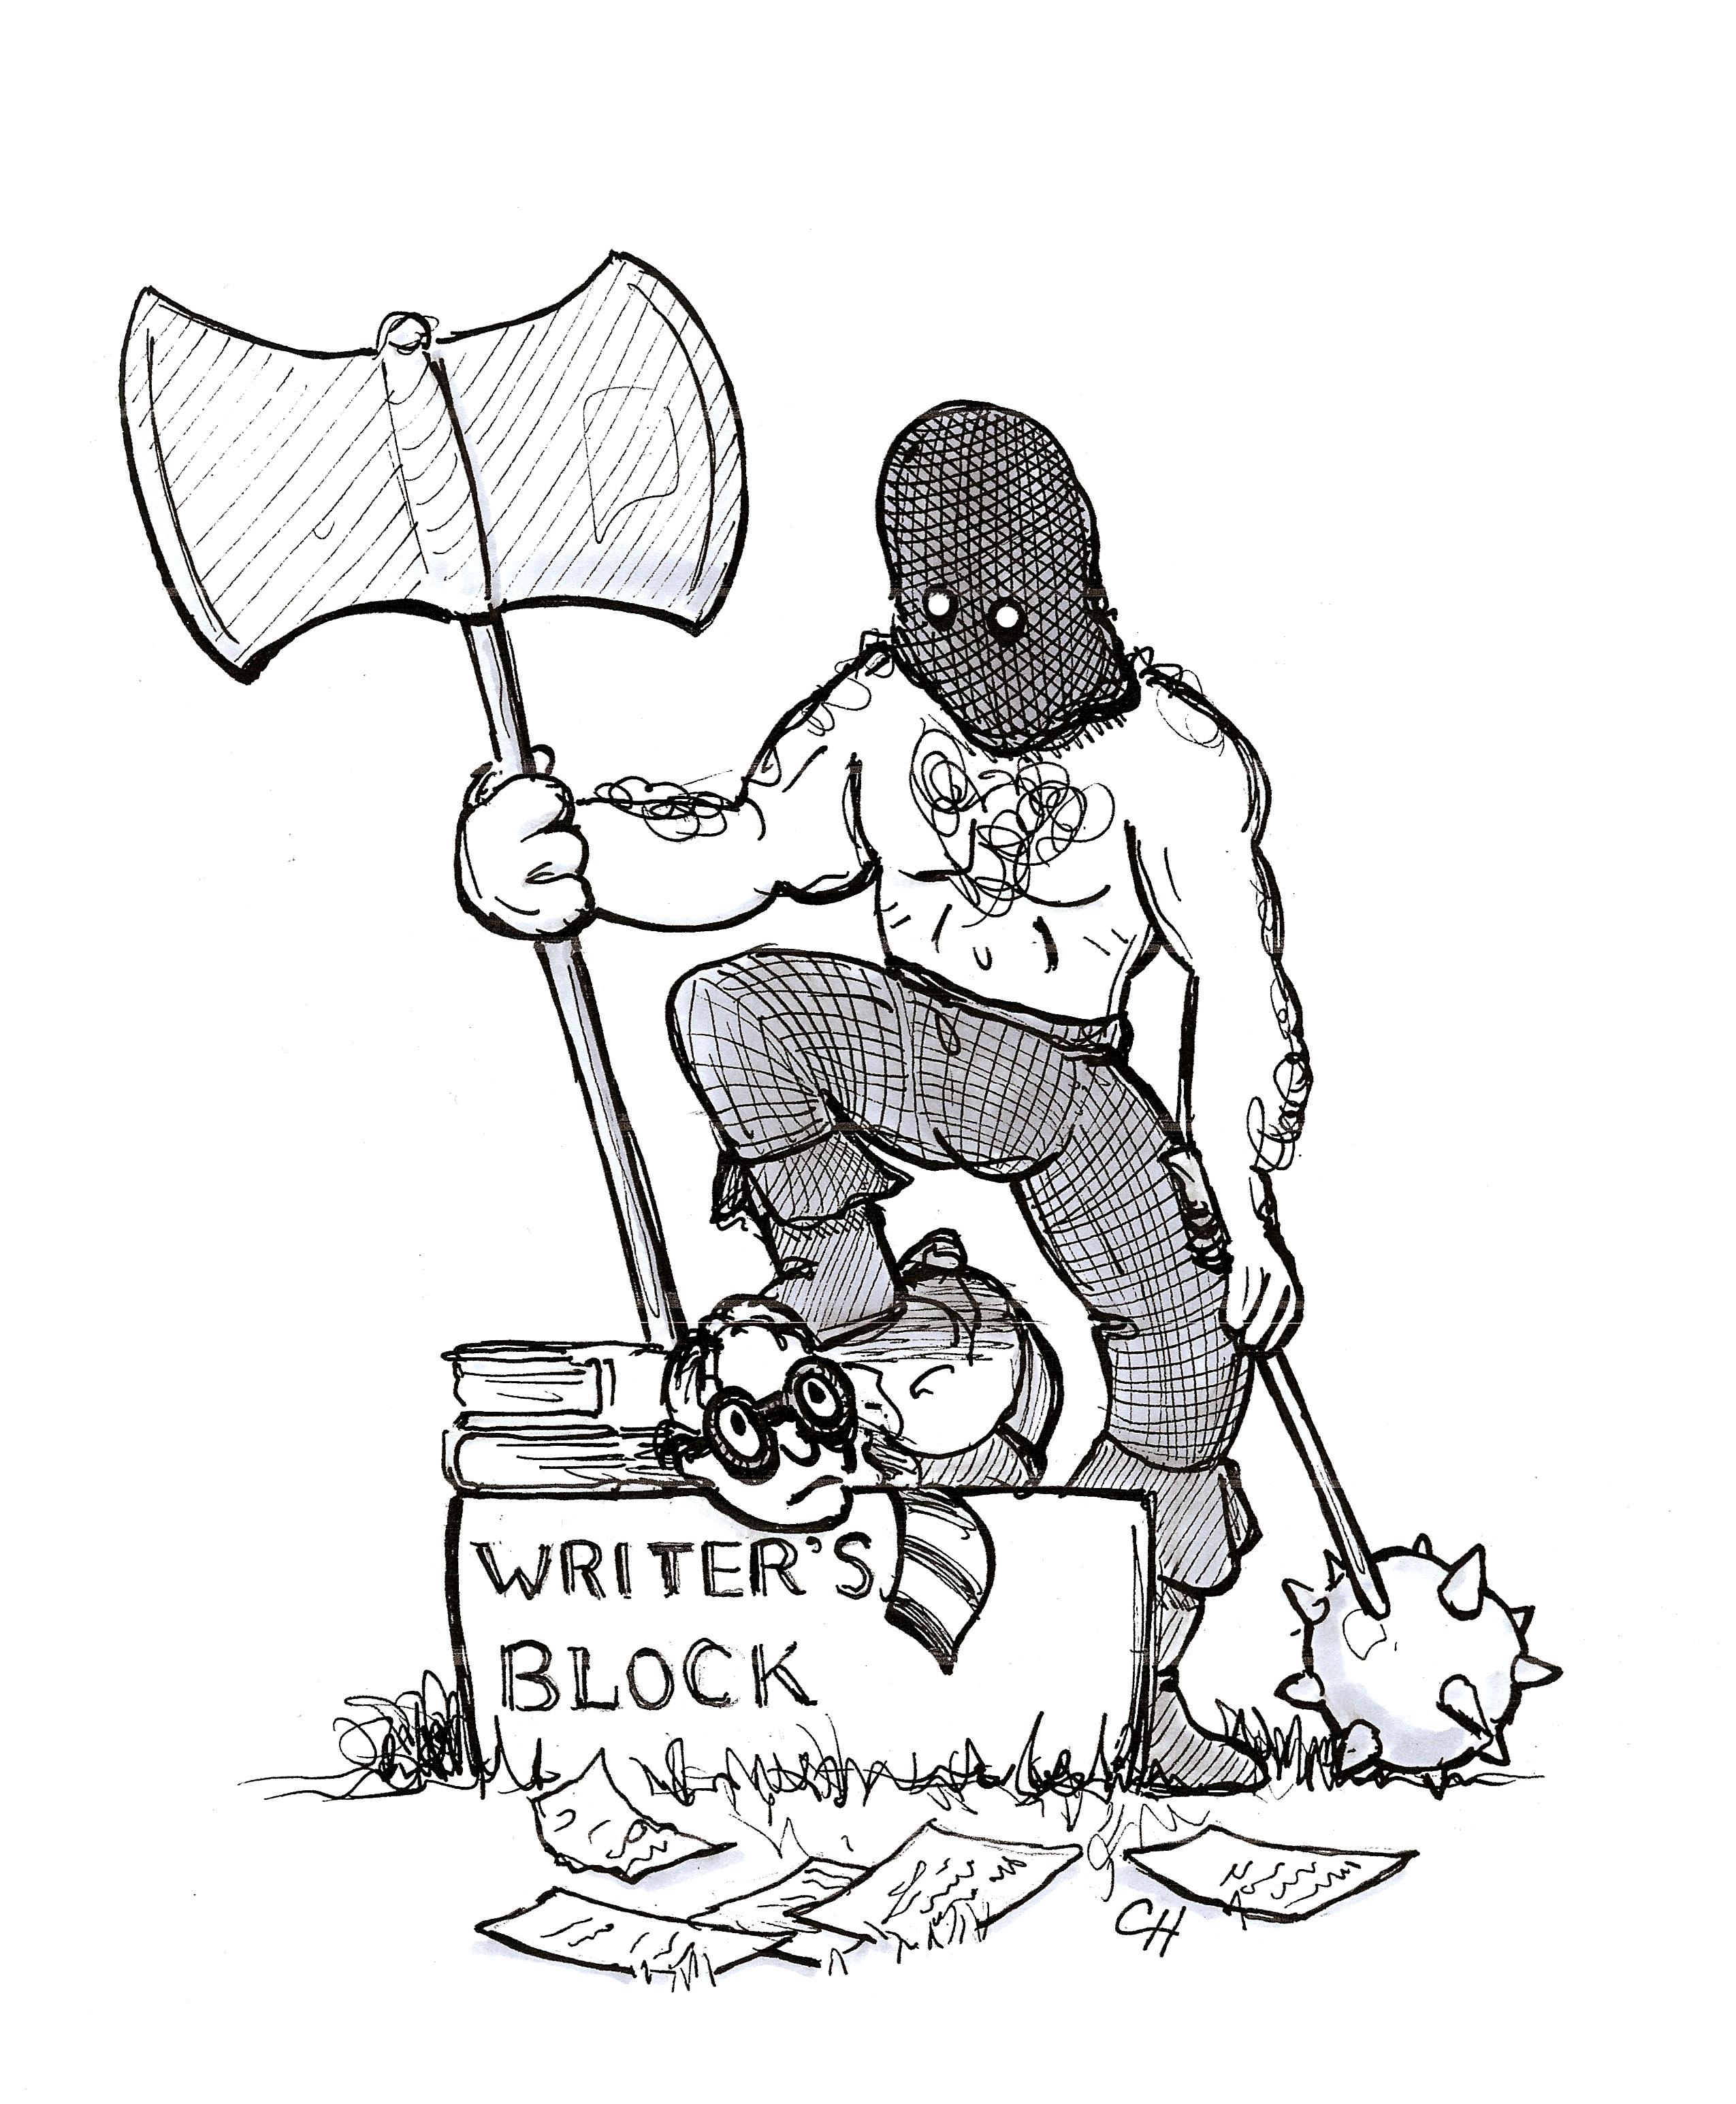 Writer's Block!?